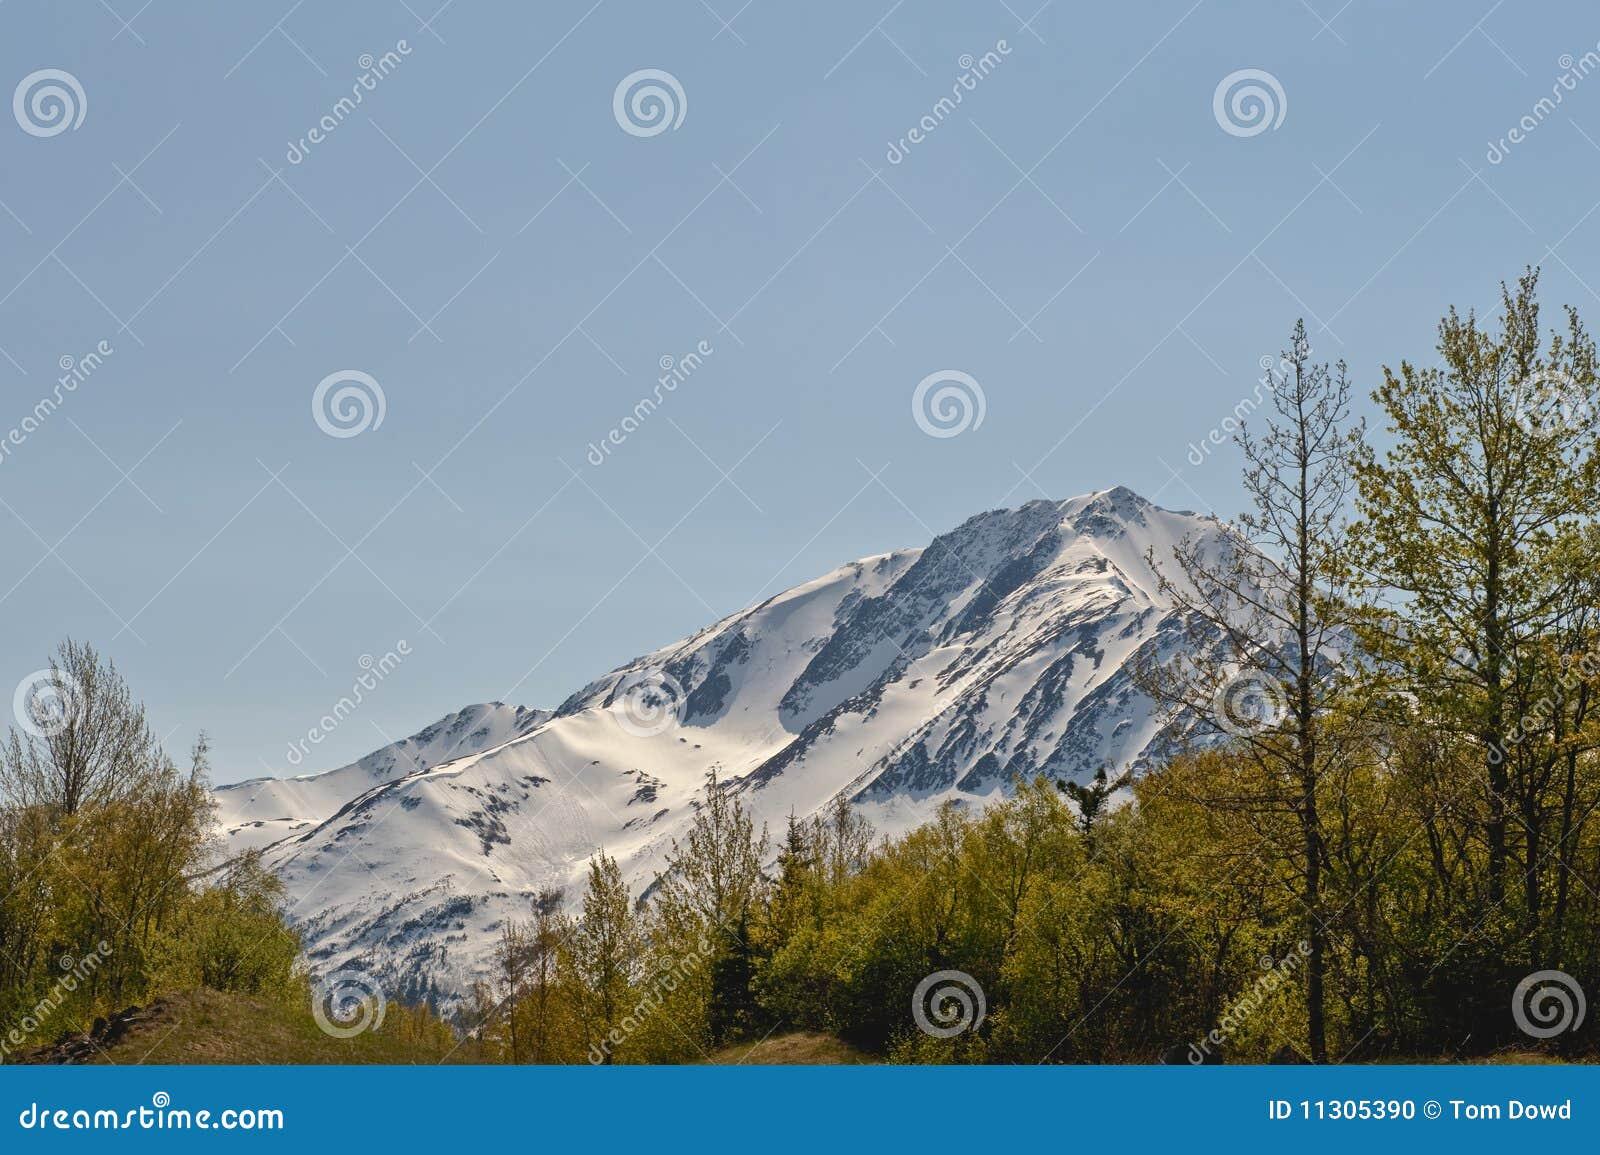 Alaskischer Berg